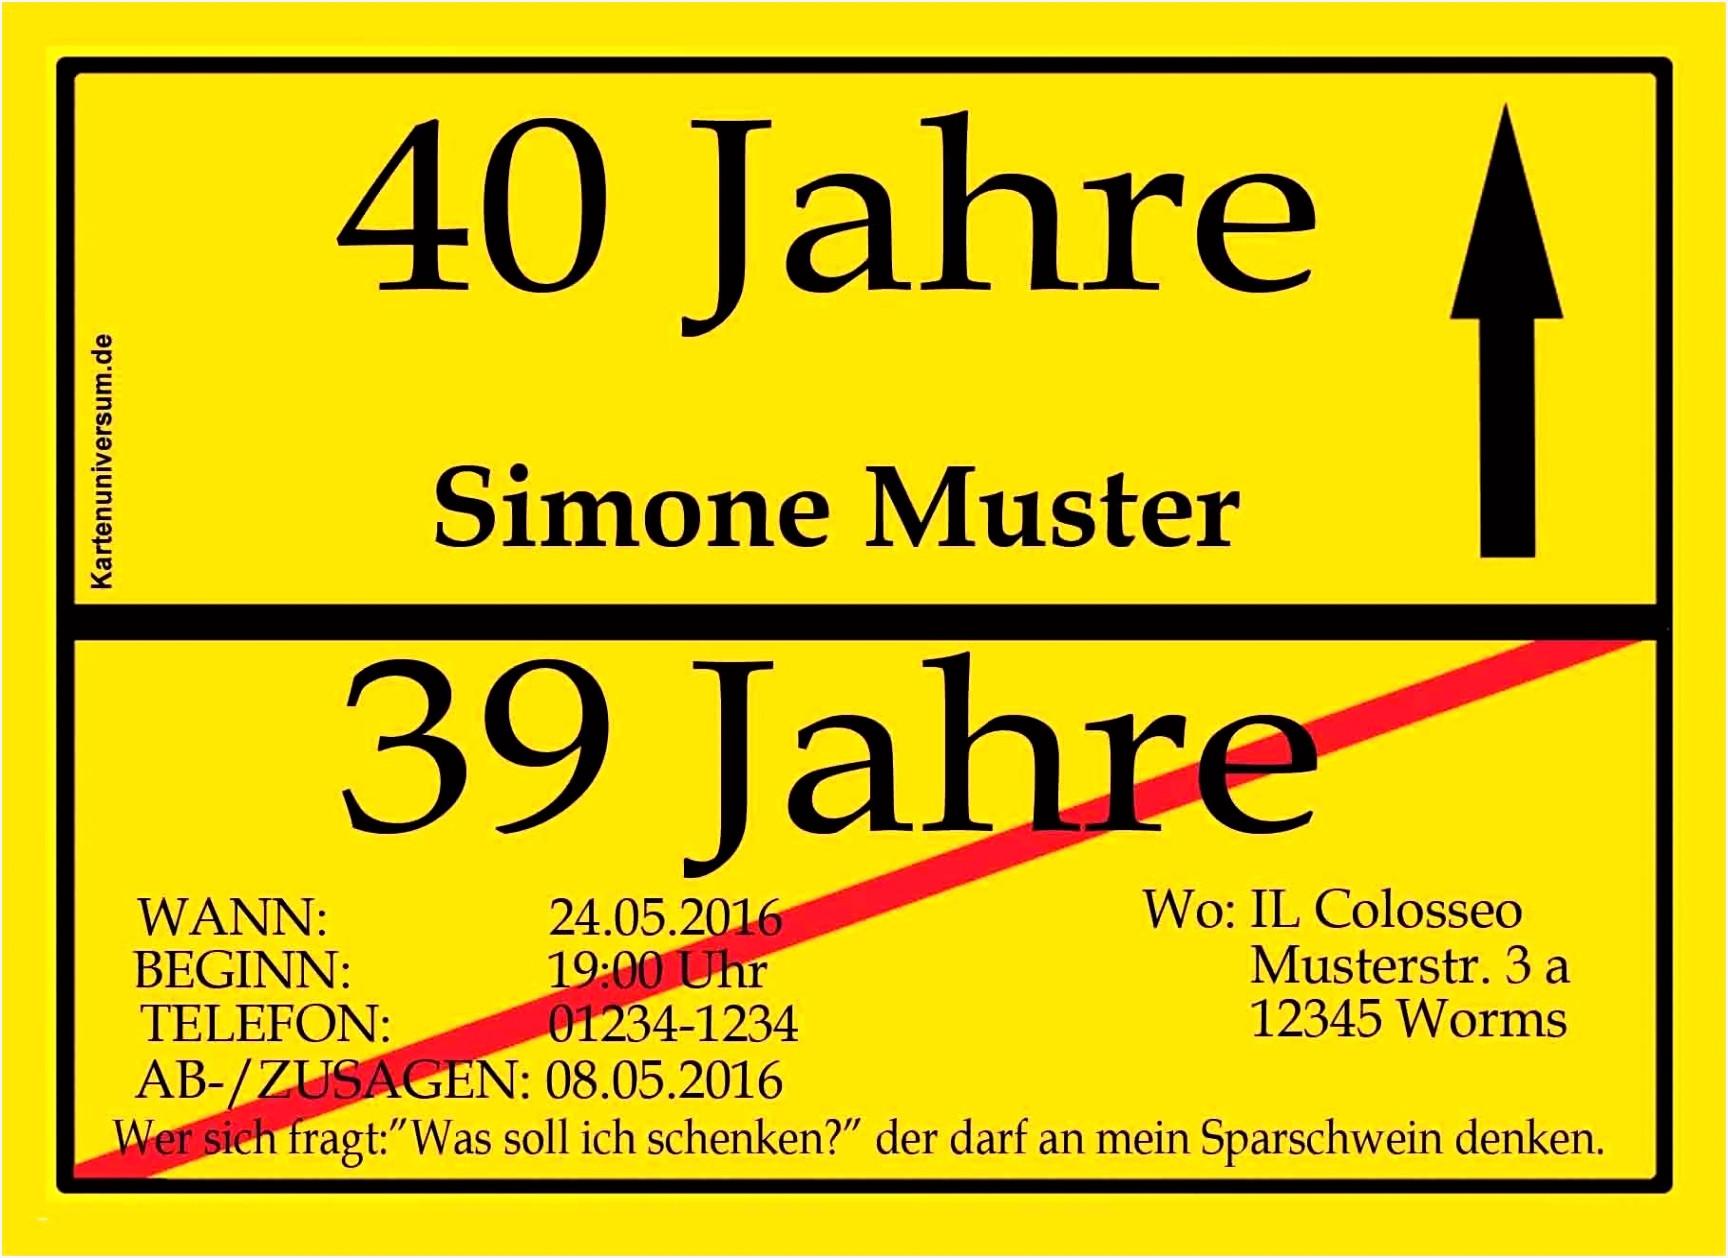 Geburtstagskarte Ausdrucken Kostenlos Genial 10 Chemie Protokoll Vorlage Tdrdtr Bild